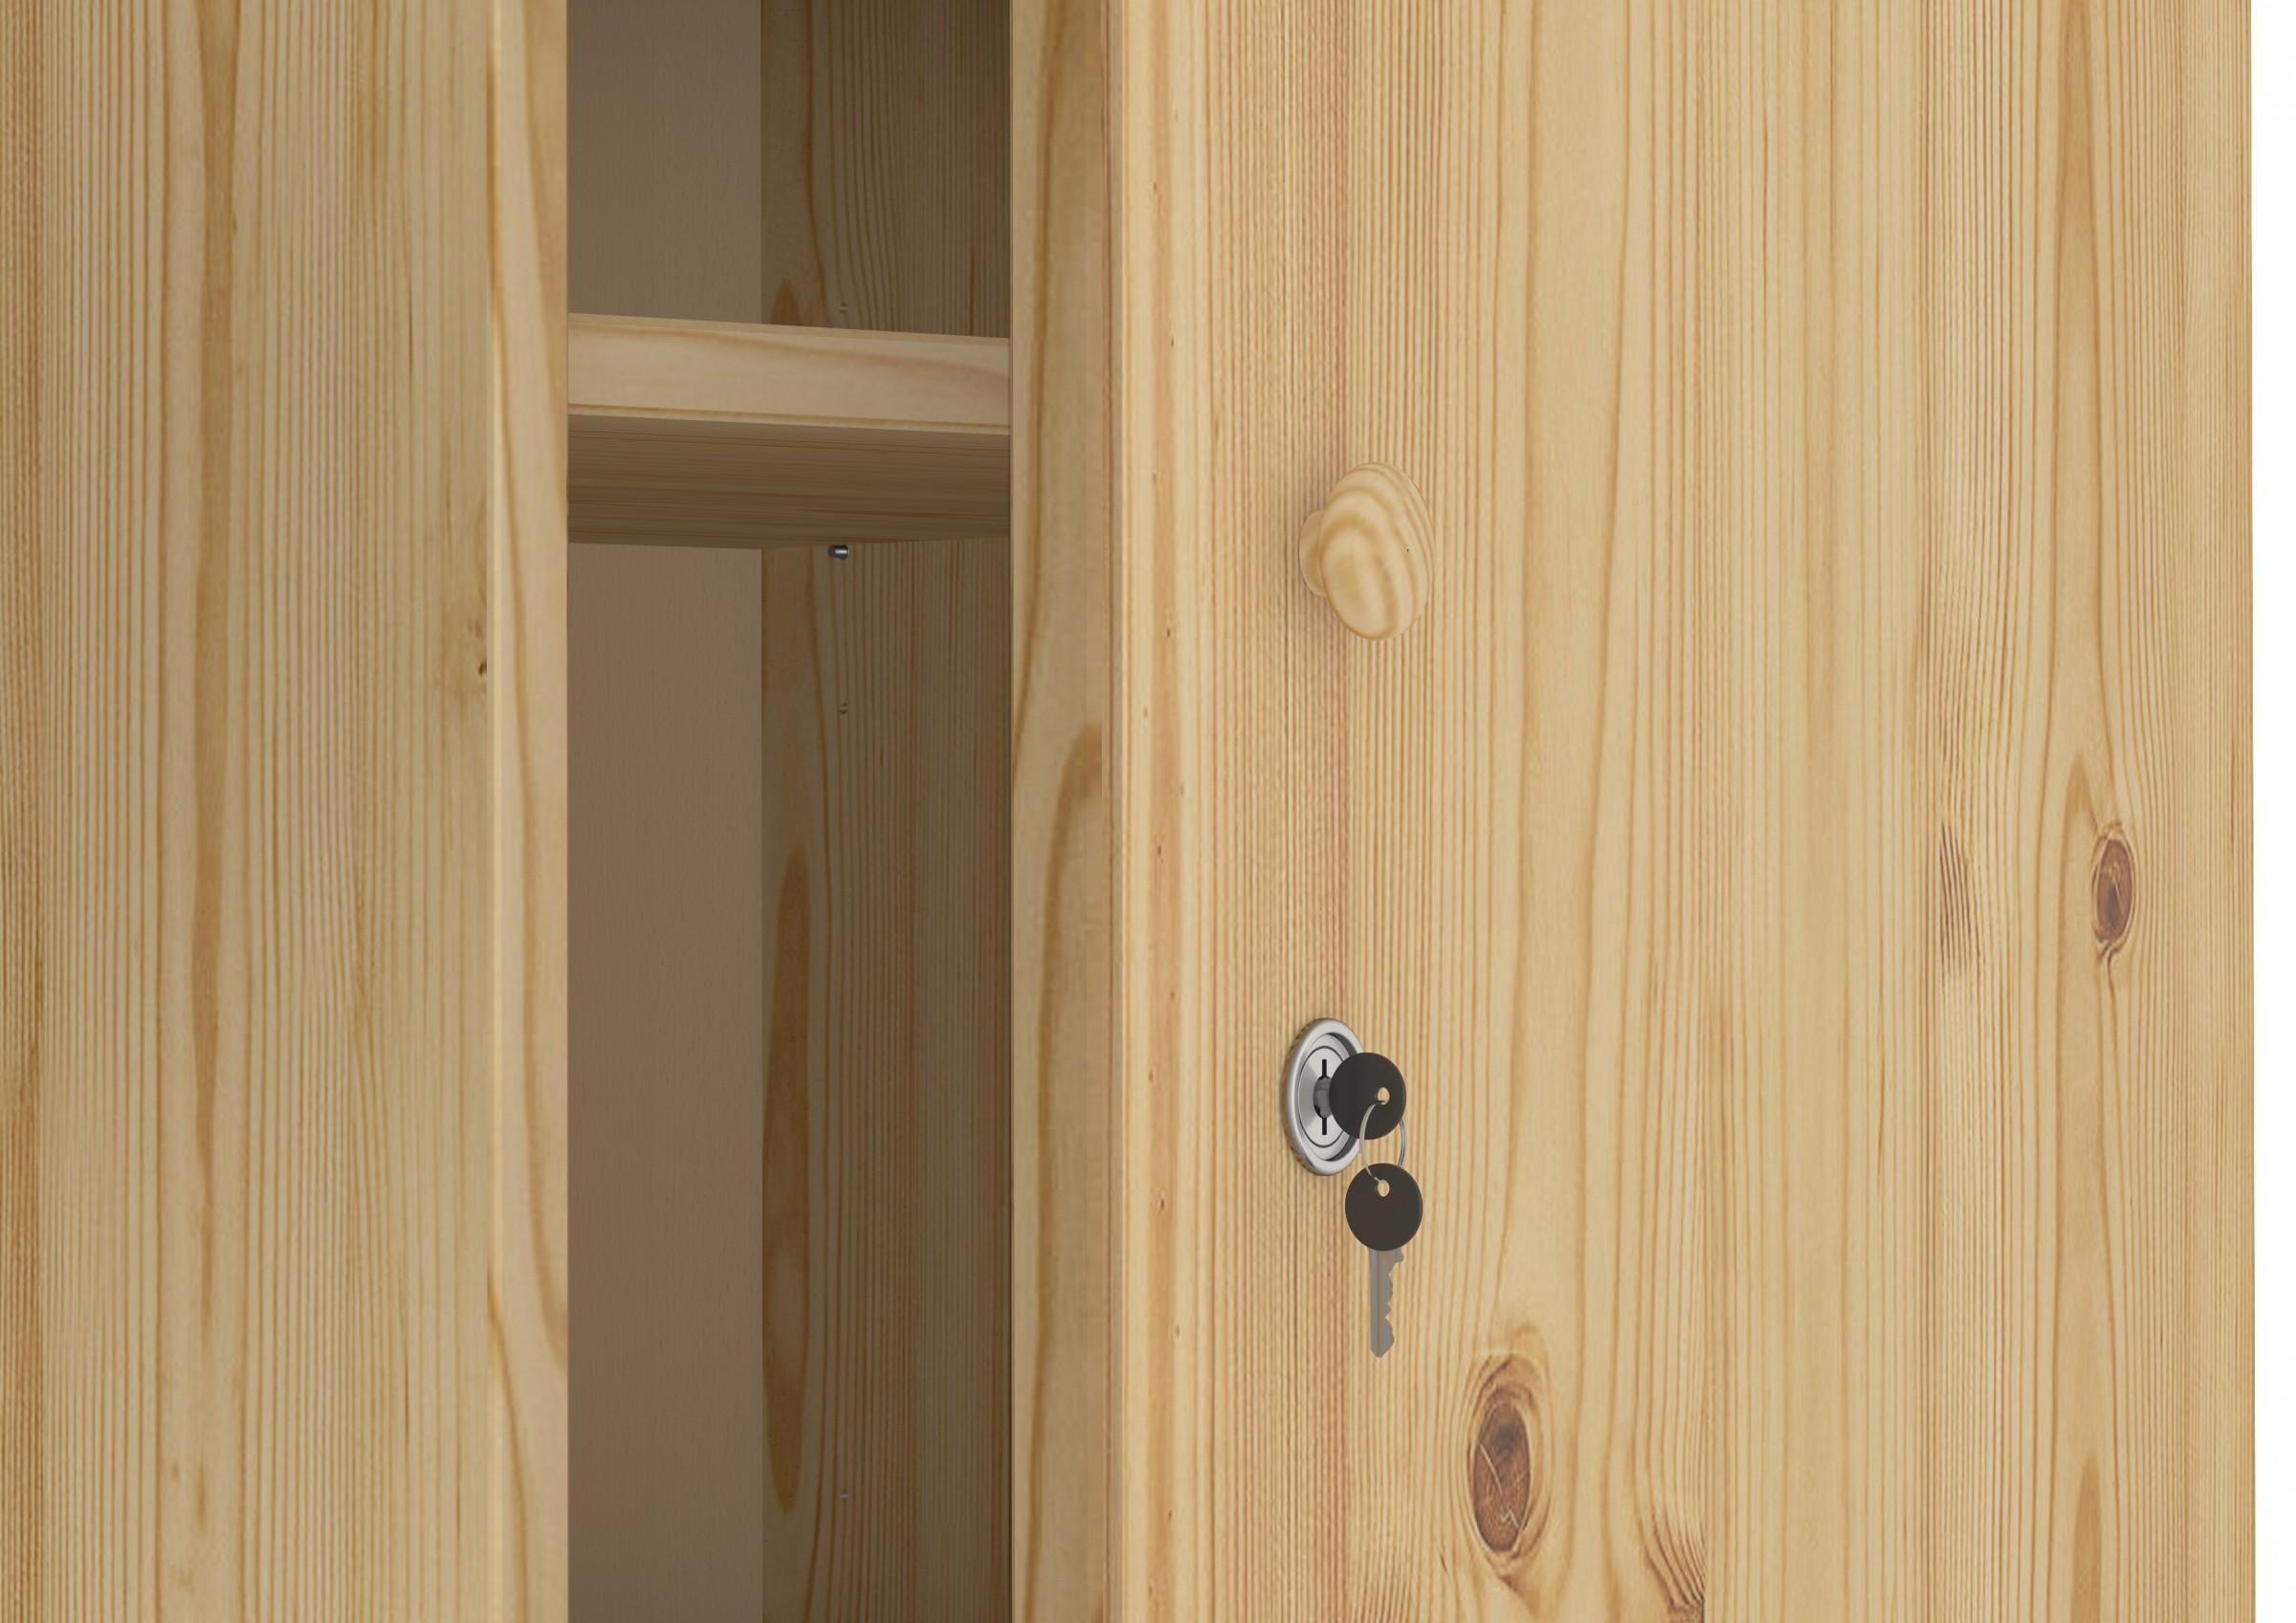 schrank spind kiefer massiv viele f cher und schloss kleiderschrank ebay. Black Bedroom Furniture Sets. Home Design Ideas